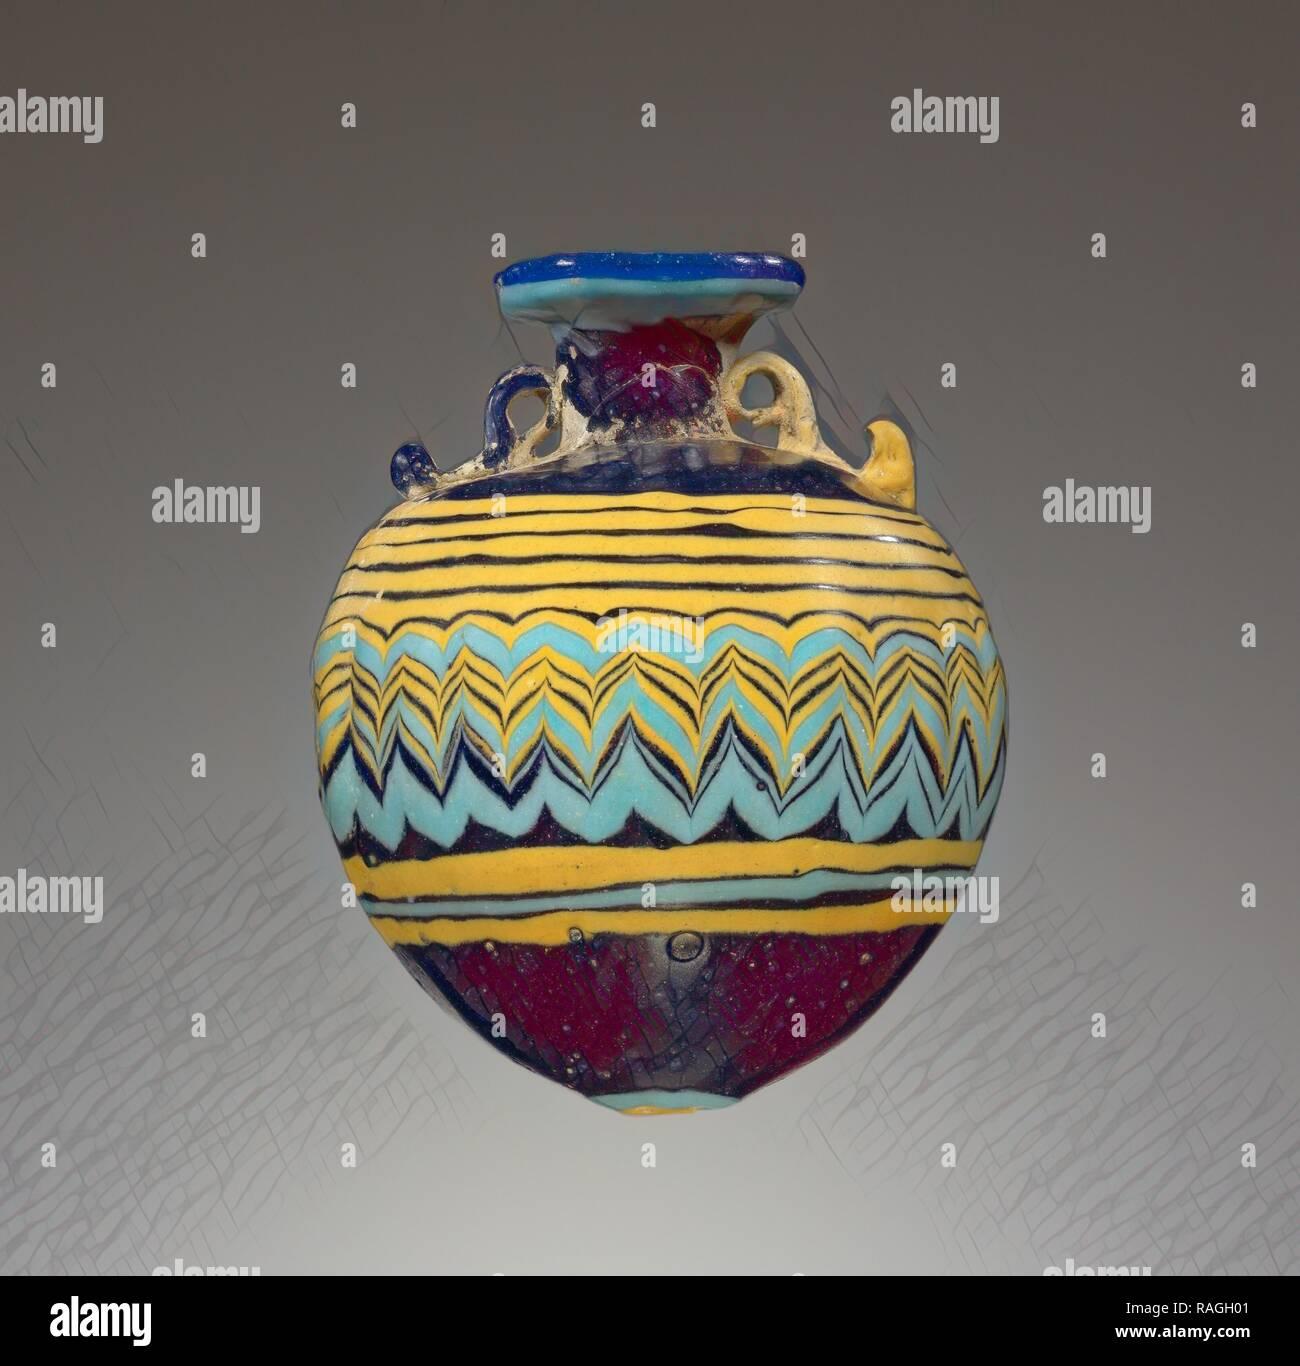 Aryballos, Grecia, 6° - 4° secolo a.C, vetro, 7,2 cm (2 13,16 in.). Reinventato da Gibon. Arte Classica con un moderno reinventato Immagini Stock